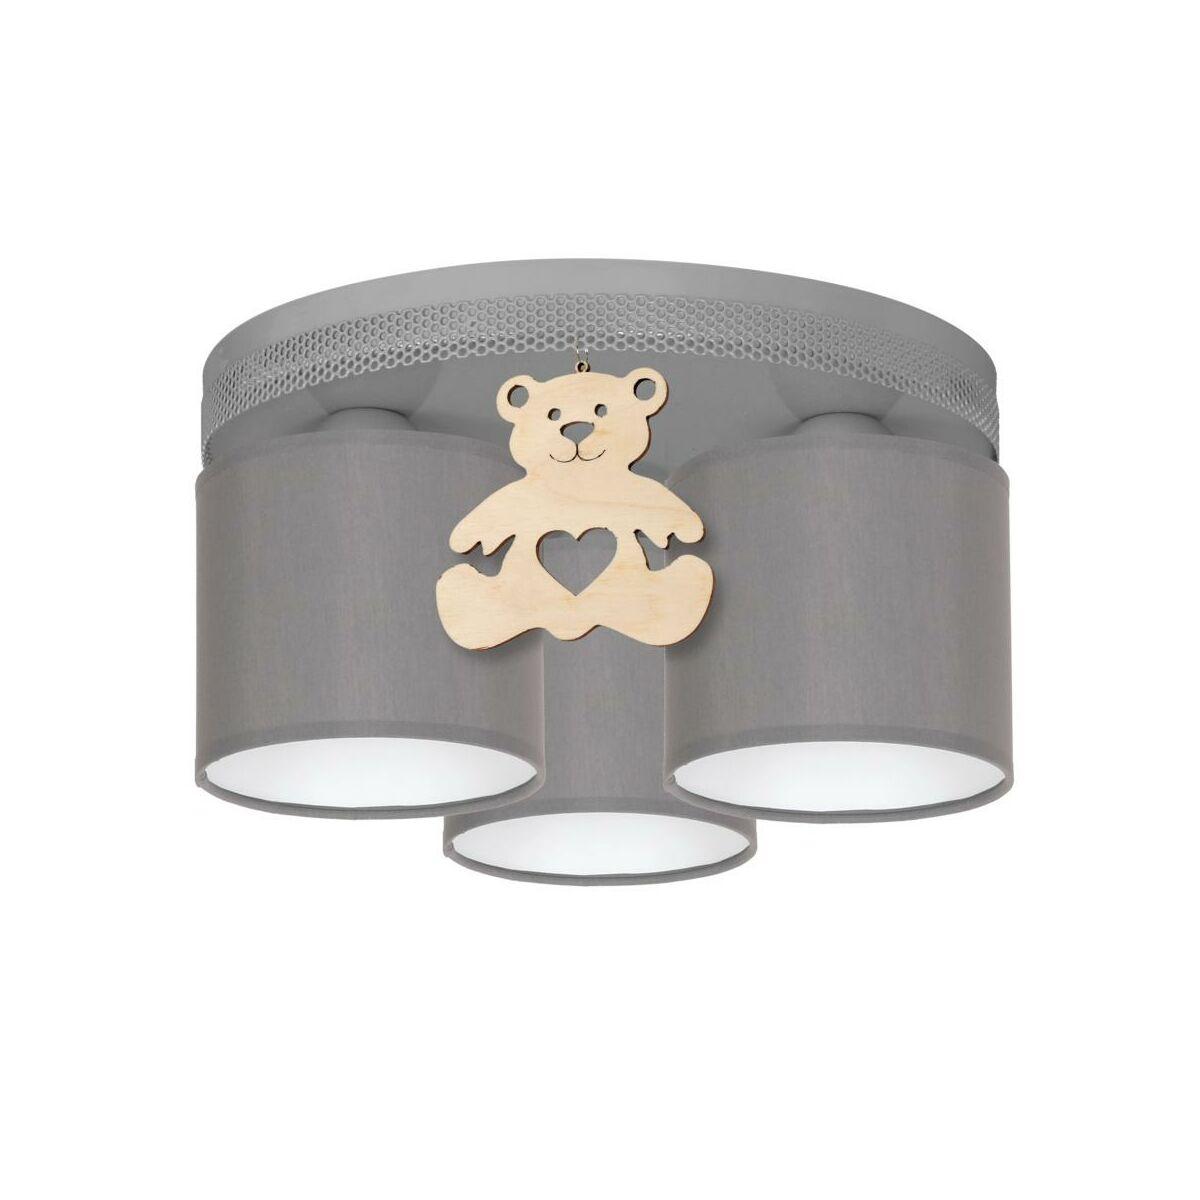 Lampa Sufitowa Mis Szara Z Drewnem E27 Eko Light Zyrandole Lampy Wiszace I Sufitowe W Atrakcyjnej Cenie W Sklepach Leroy Merlin